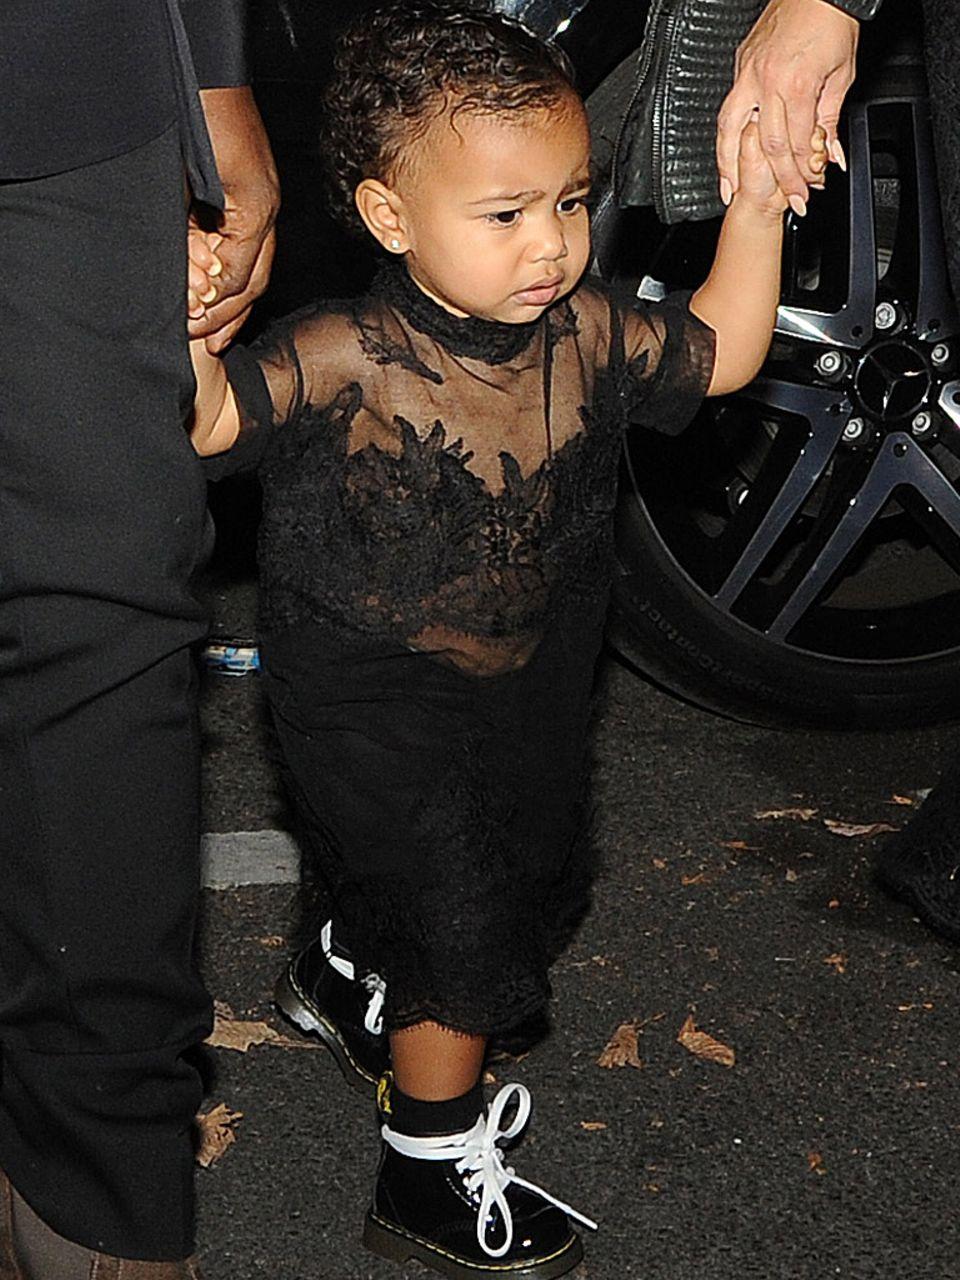 Ist das noch kindgerecht? Kim Kardashian liebt es ihre kleine North in sündhaft teure Luxus-Kleider zu stecken. Mit diesem transparenten Outfit dürfte Kim allerdings zu weit gegangen sein.